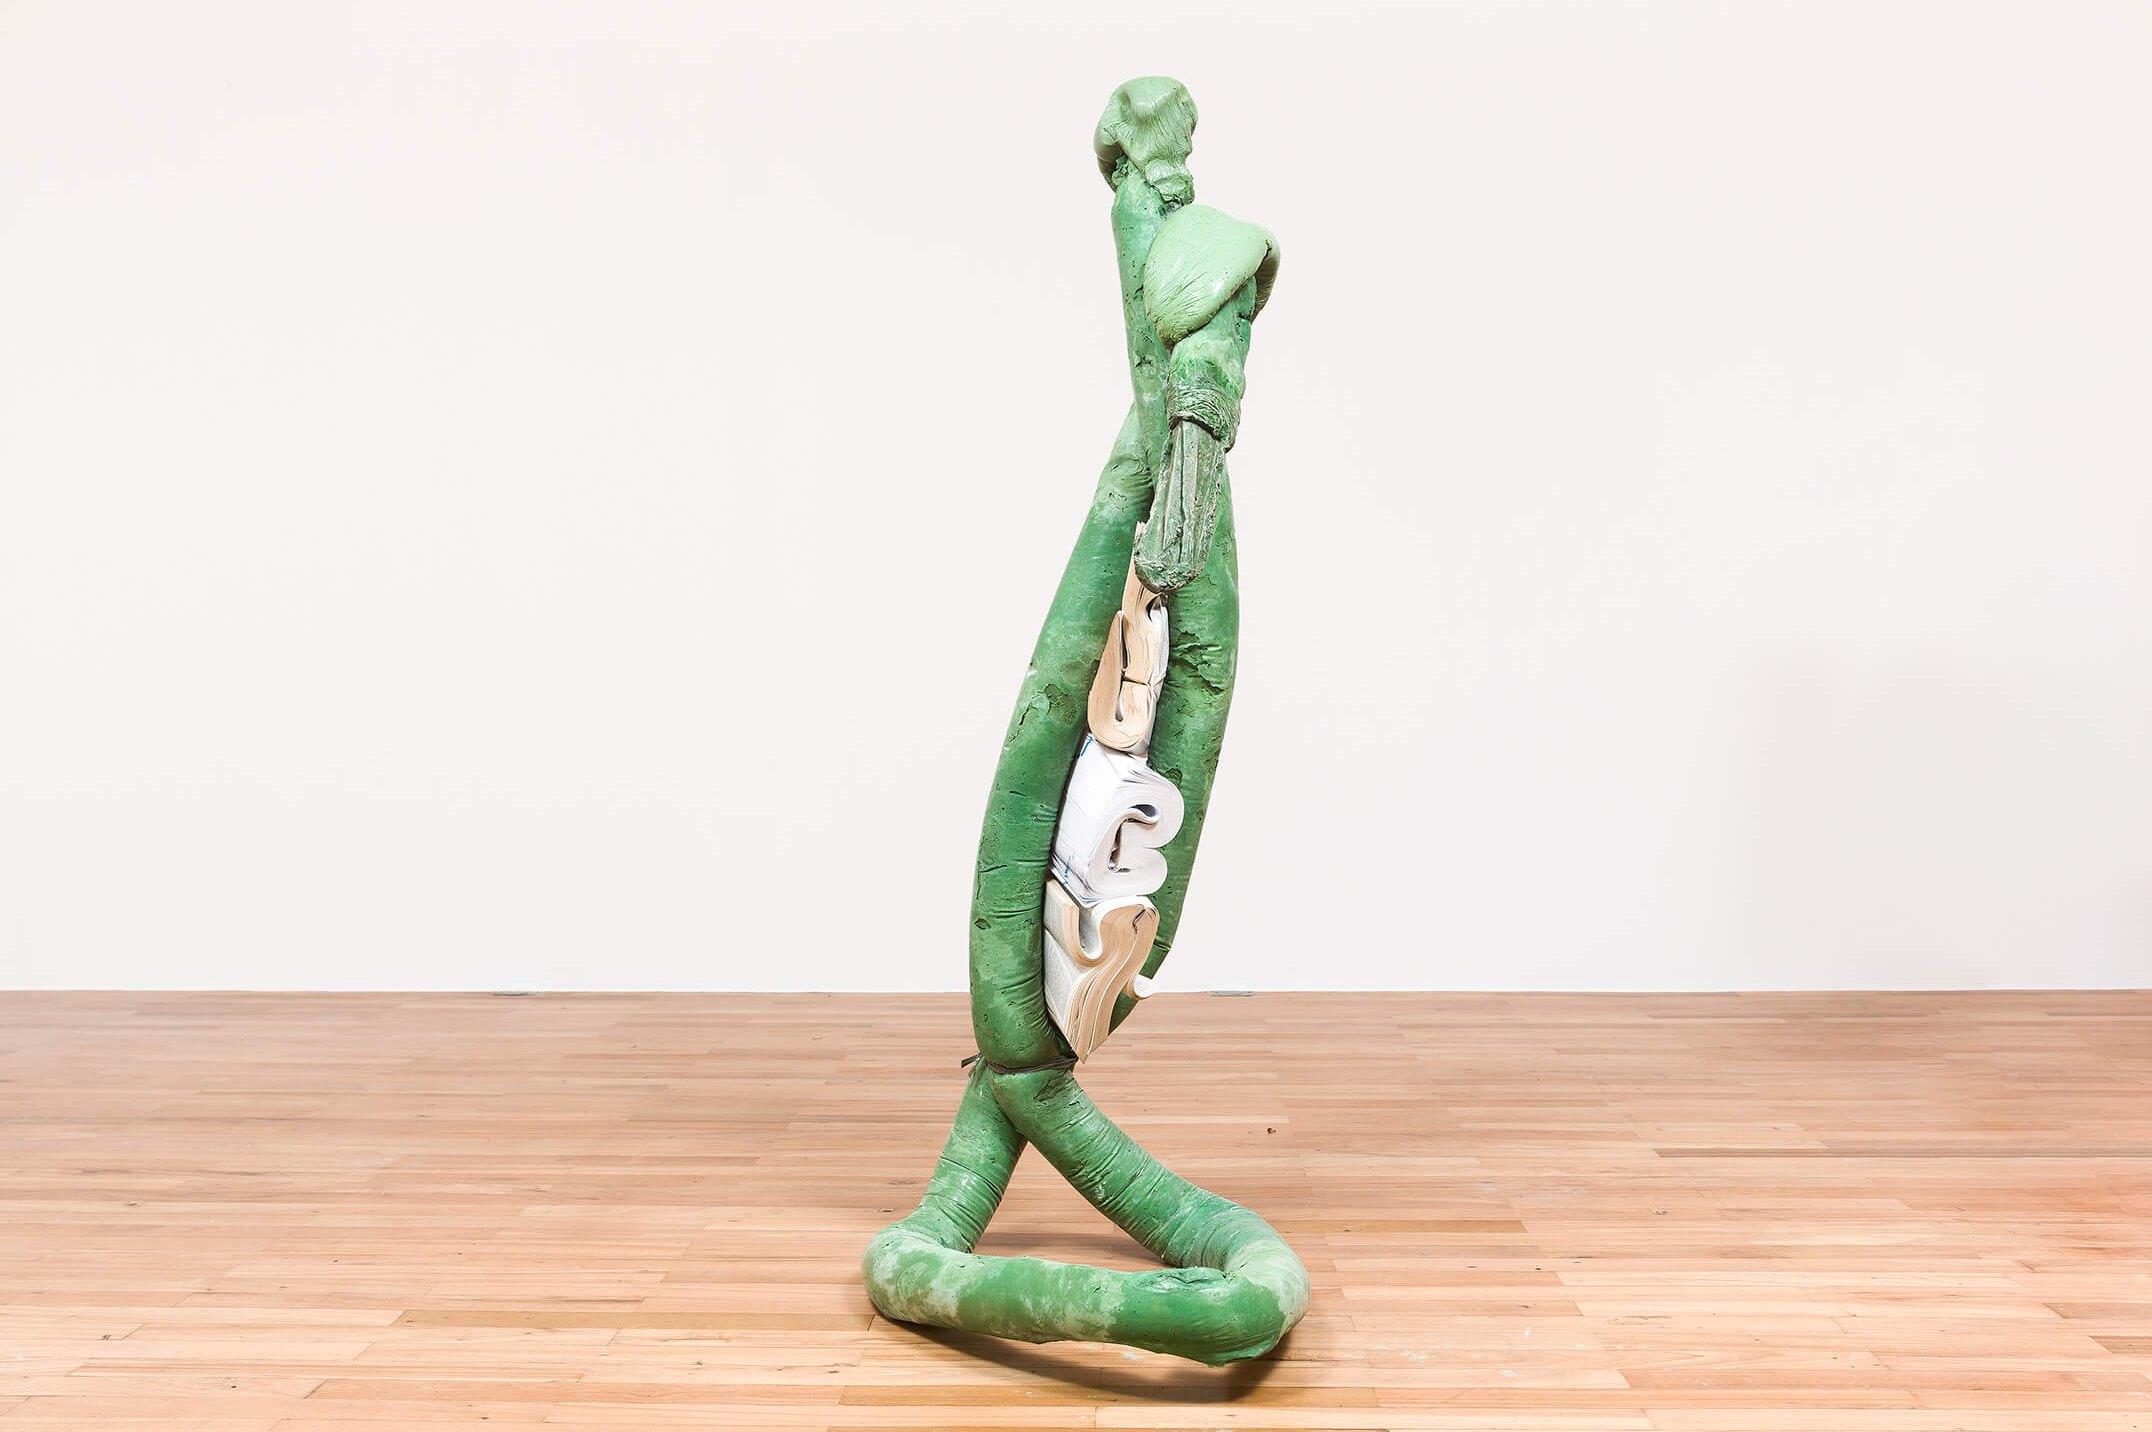 Michael Dean, <em>Analogue x x, now (Working Title)</em>, 2015, concrete, dictionaries, string and paint, 1,64 × 57 × 79 cm - Mendes Wood DM